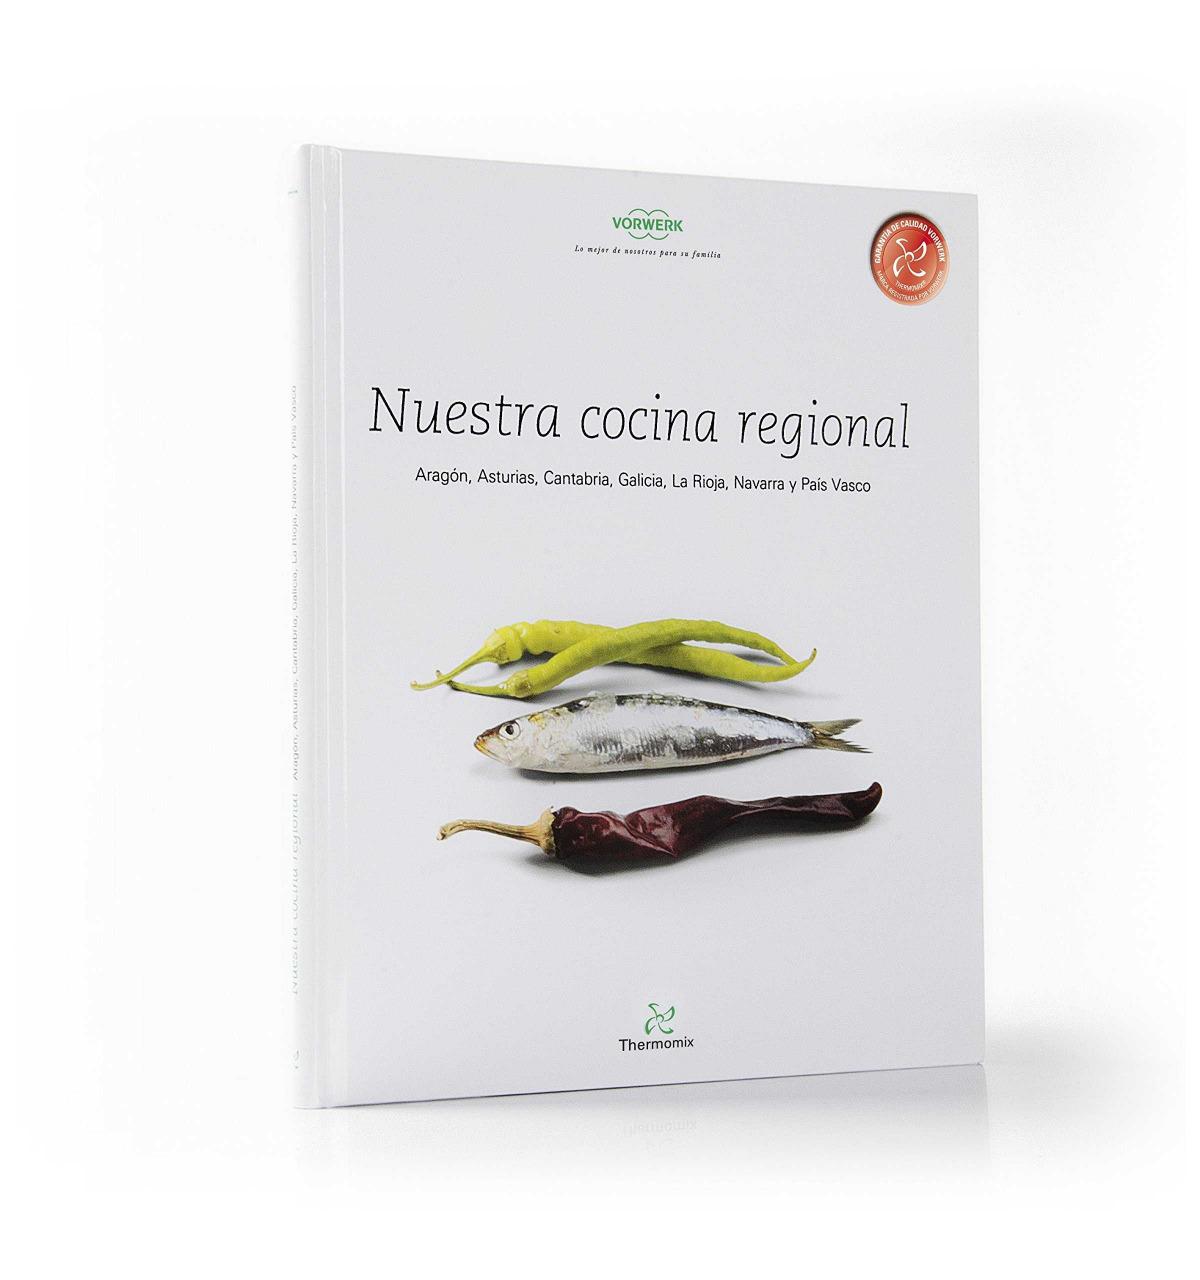 NUESTAR COCINA REGIONAL